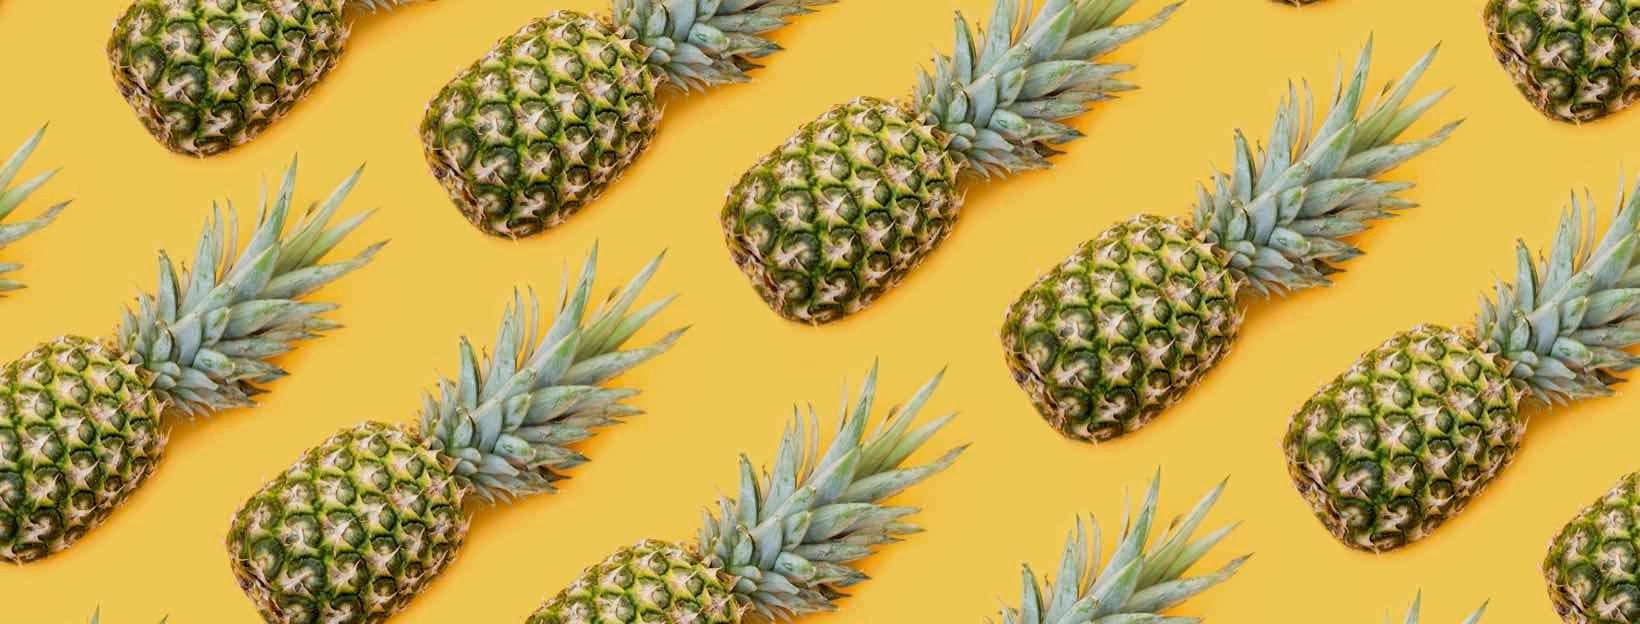 Lustige Hintergründe für Zoom: Ananas-Muster